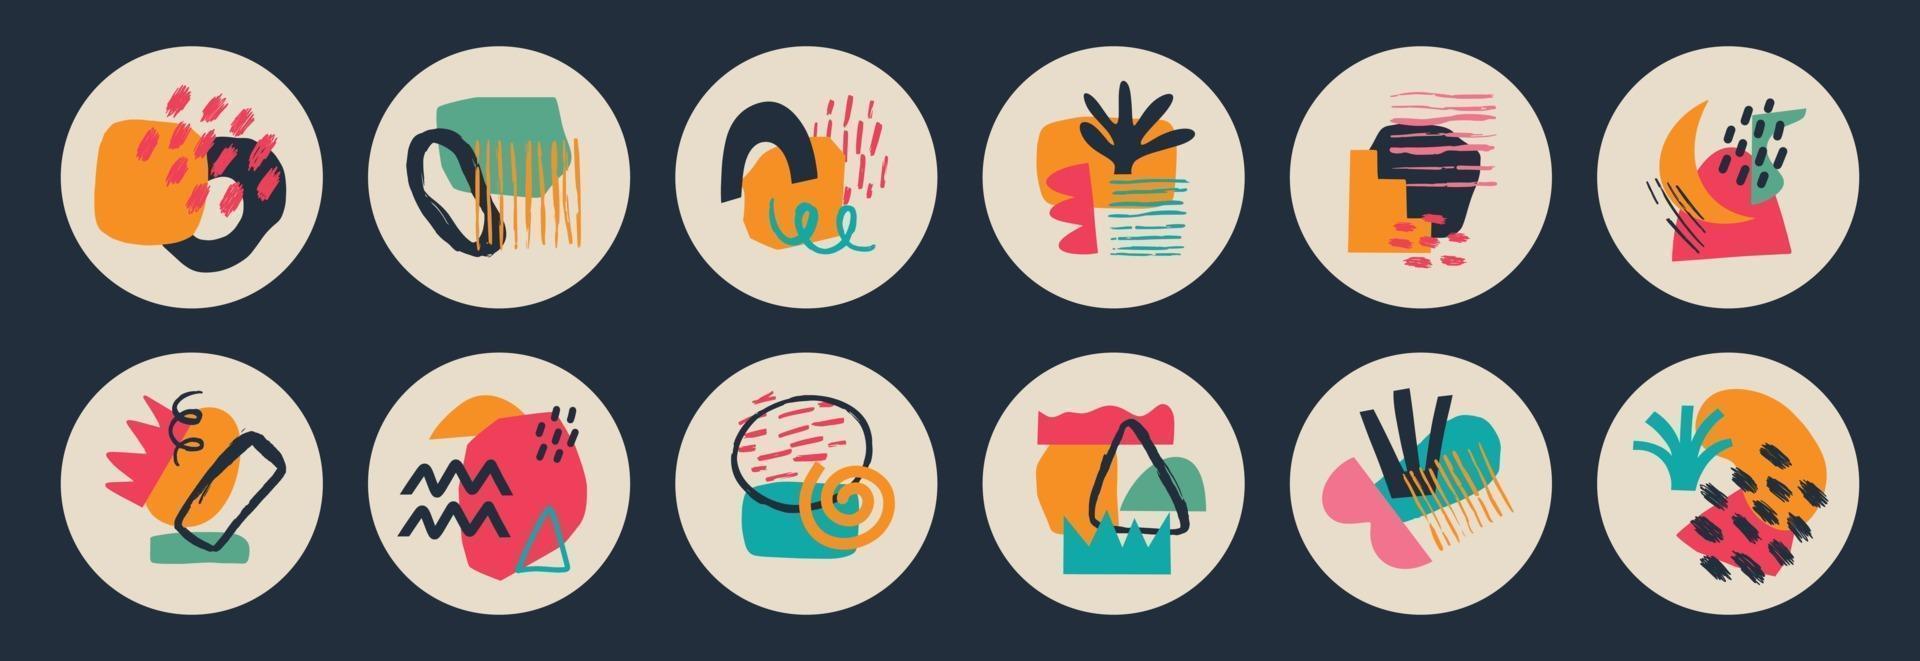 grand ensemble de diverses couvertures de surbrillance géométrique de vecteur. arrière-plans abstraits. diverses formes, lignes, taches, points, objets de griffonnage. modèles dessinés à la main. icônes rondes pour les histoires de médias sociaux vecteur